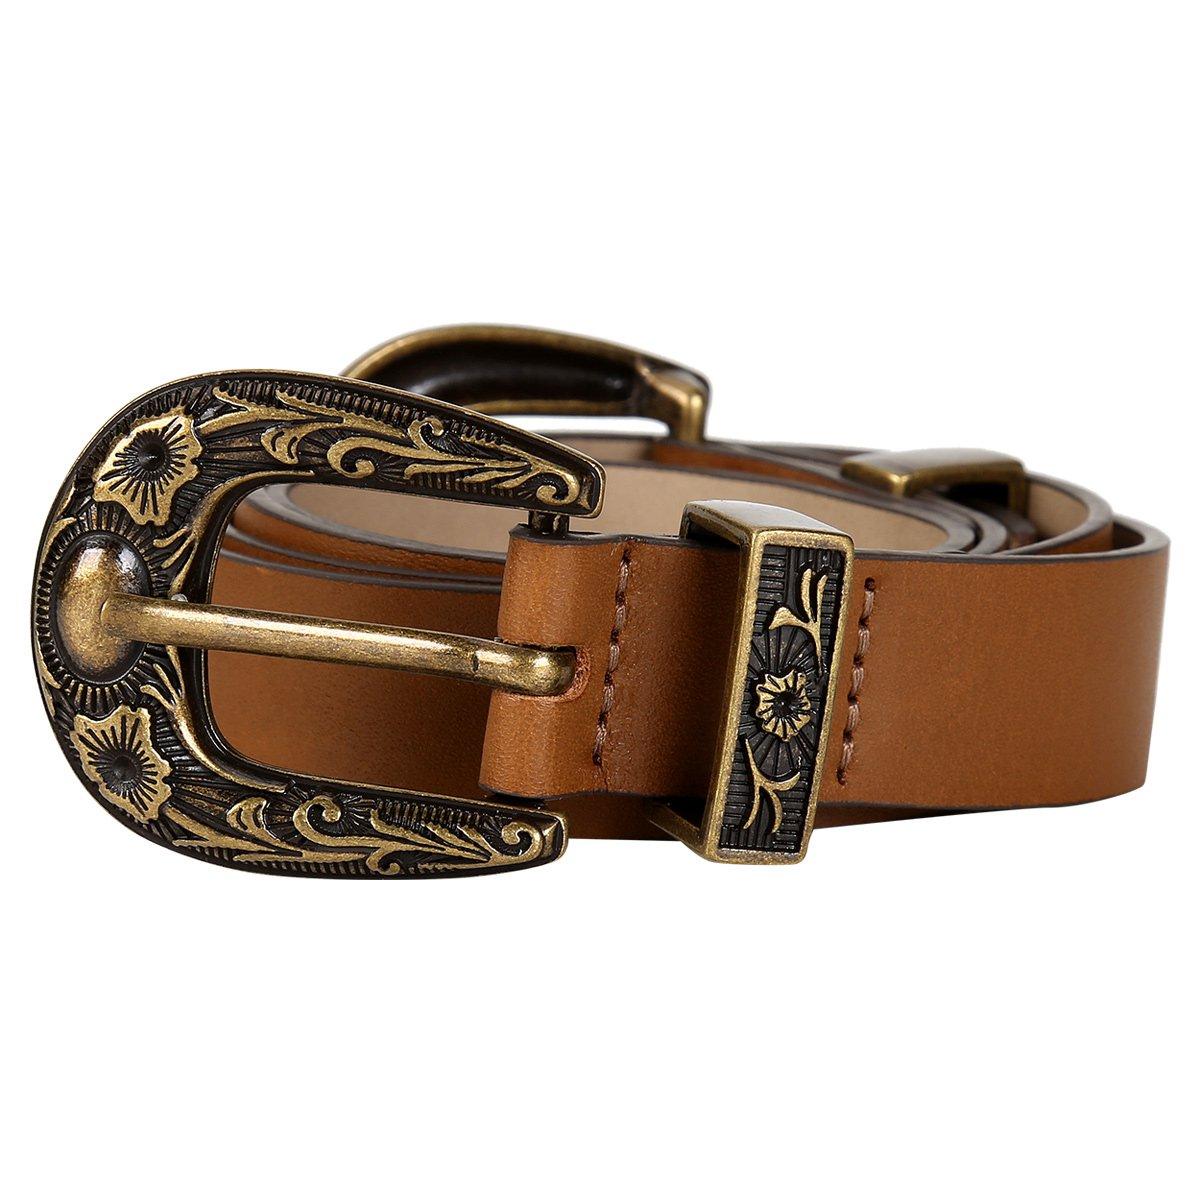 19519e4e6231f Cinto Couro Shoestock Fivela Dupla Feminino - Compre Agora   Zattini